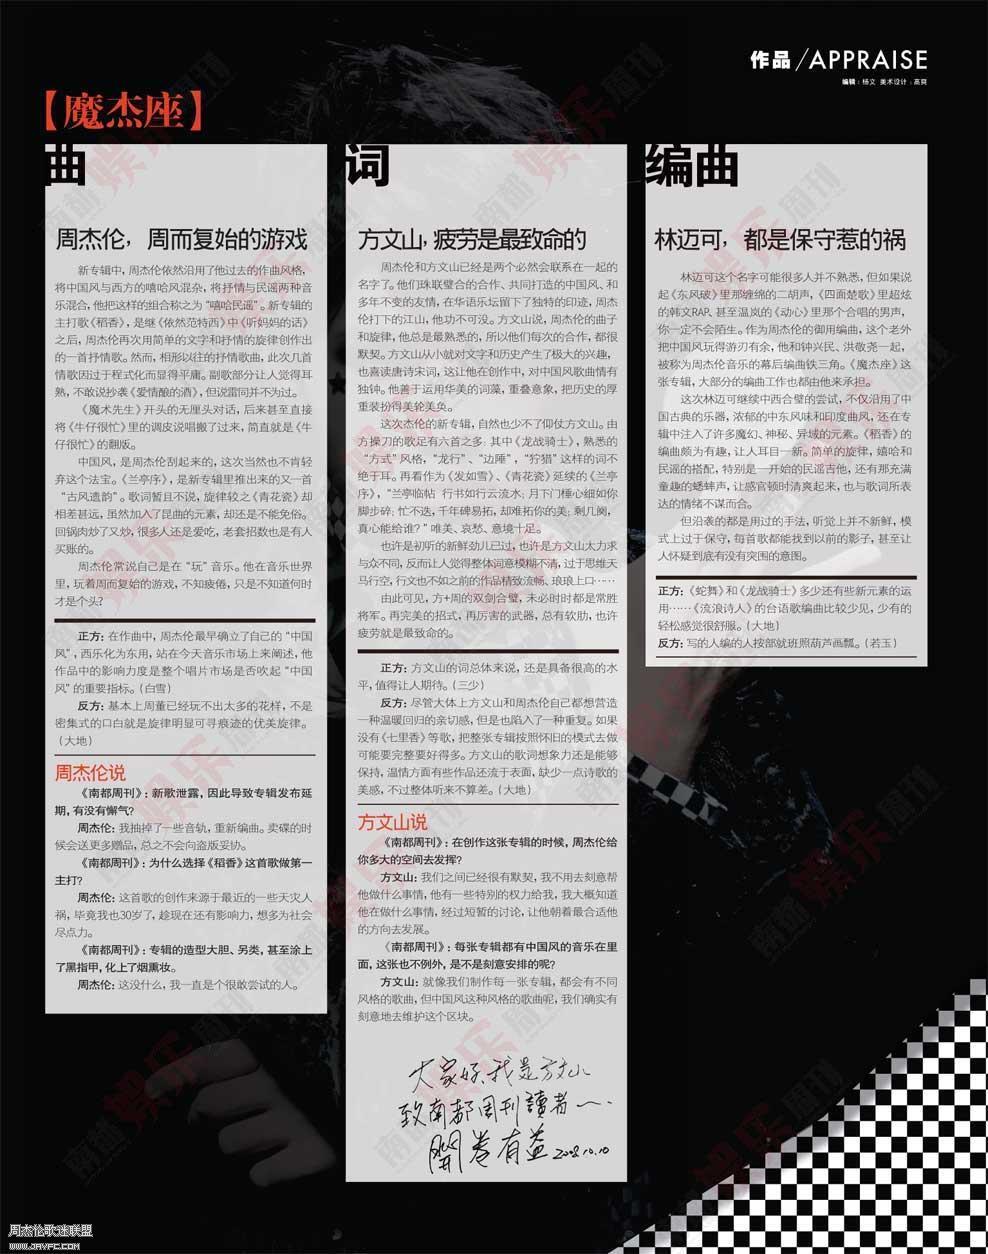 南都娱乐周刊封面+内页 人气:958